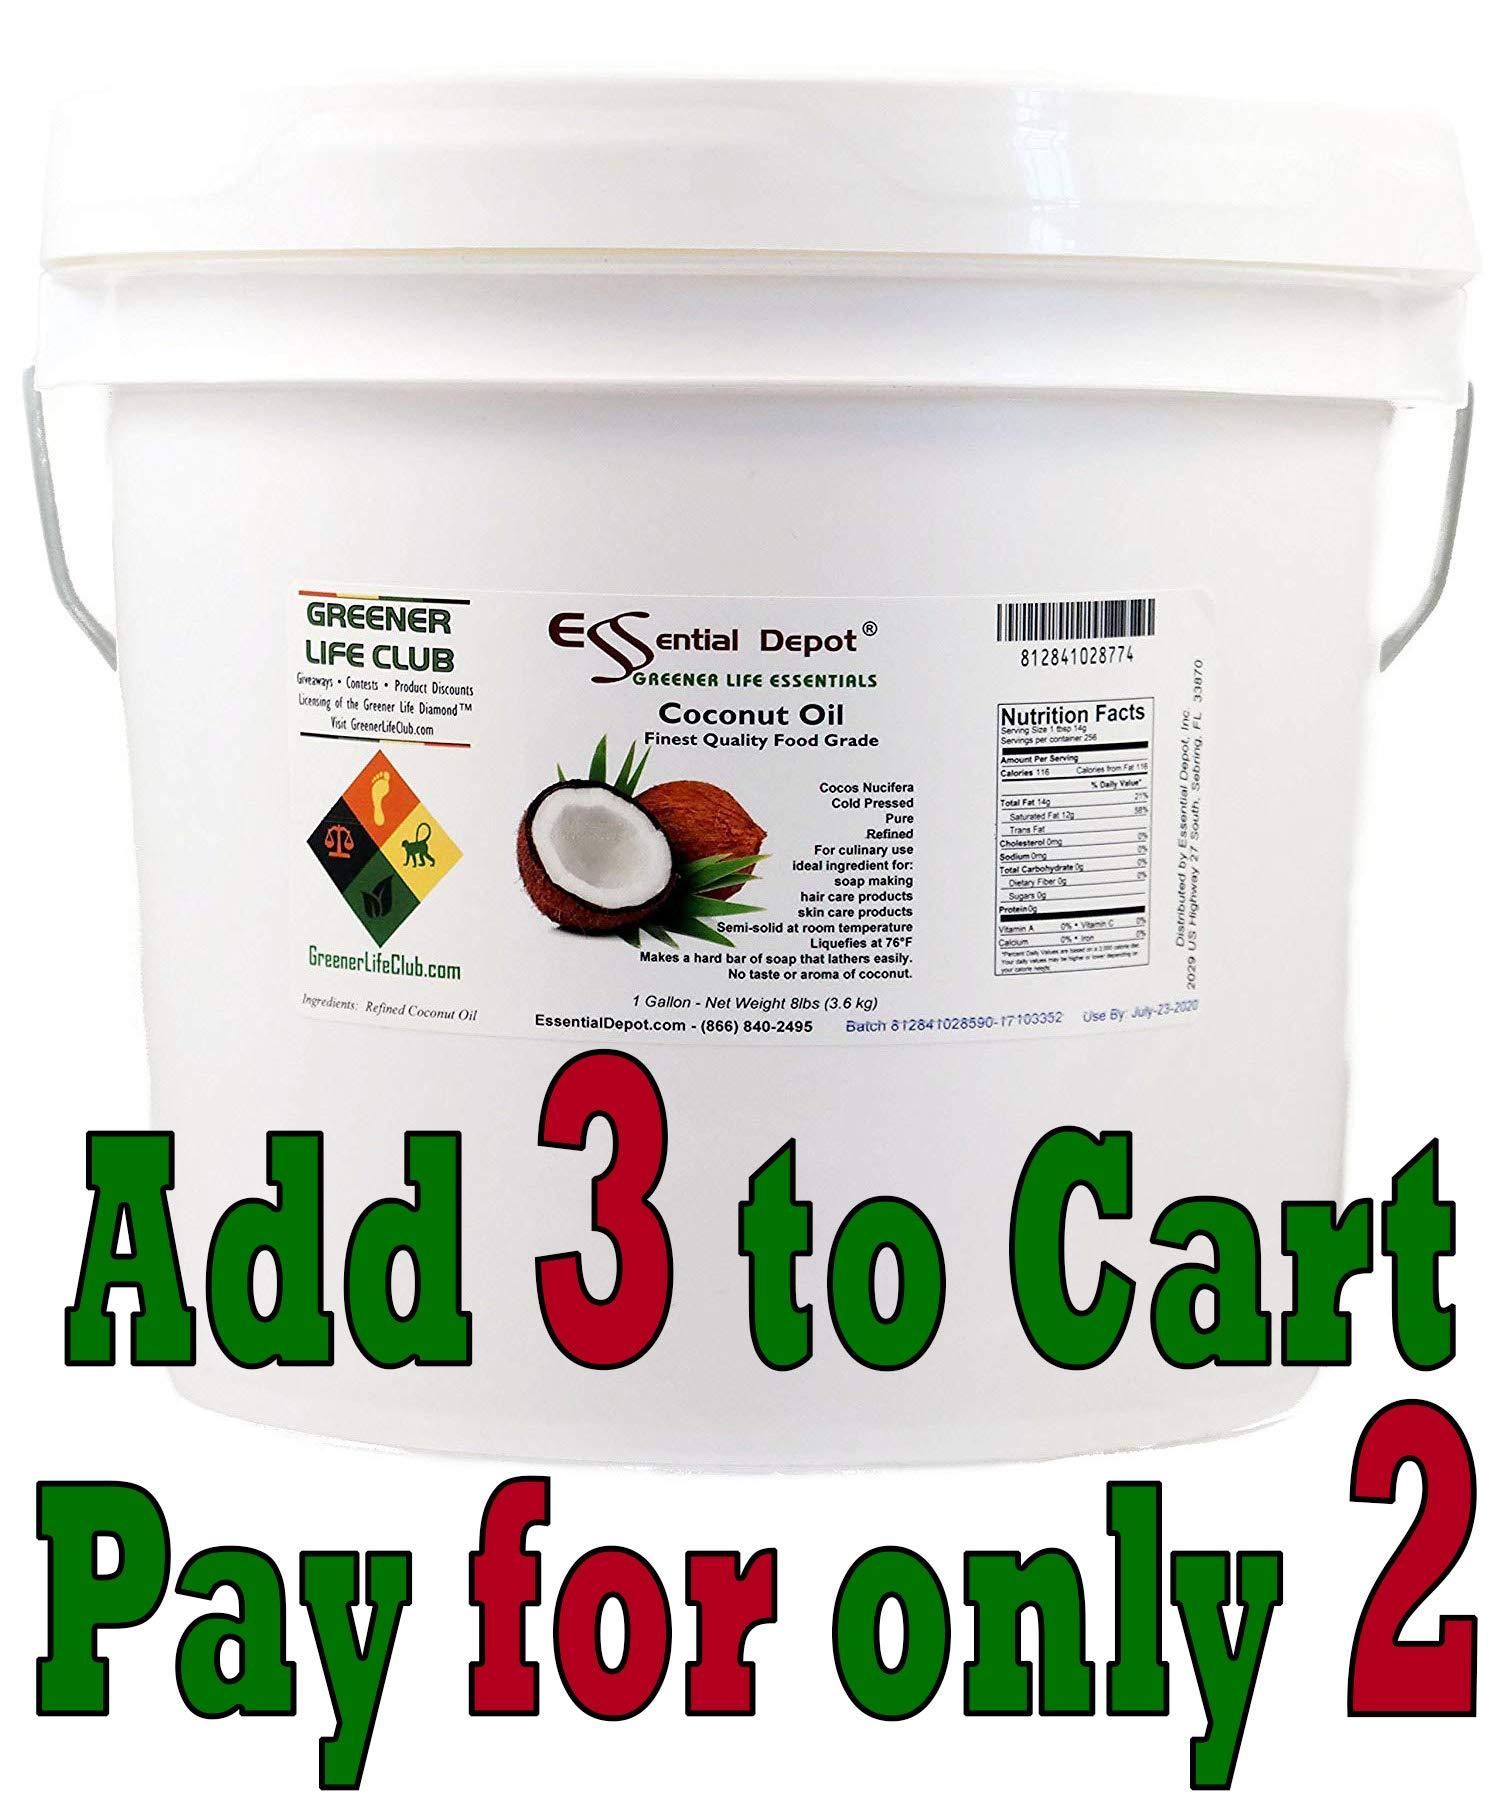 73db53f3f20cd ESSENTIAL DEPOT Coconut Oil - Finest Quality Food Grade - 8 lbs - In Pail -